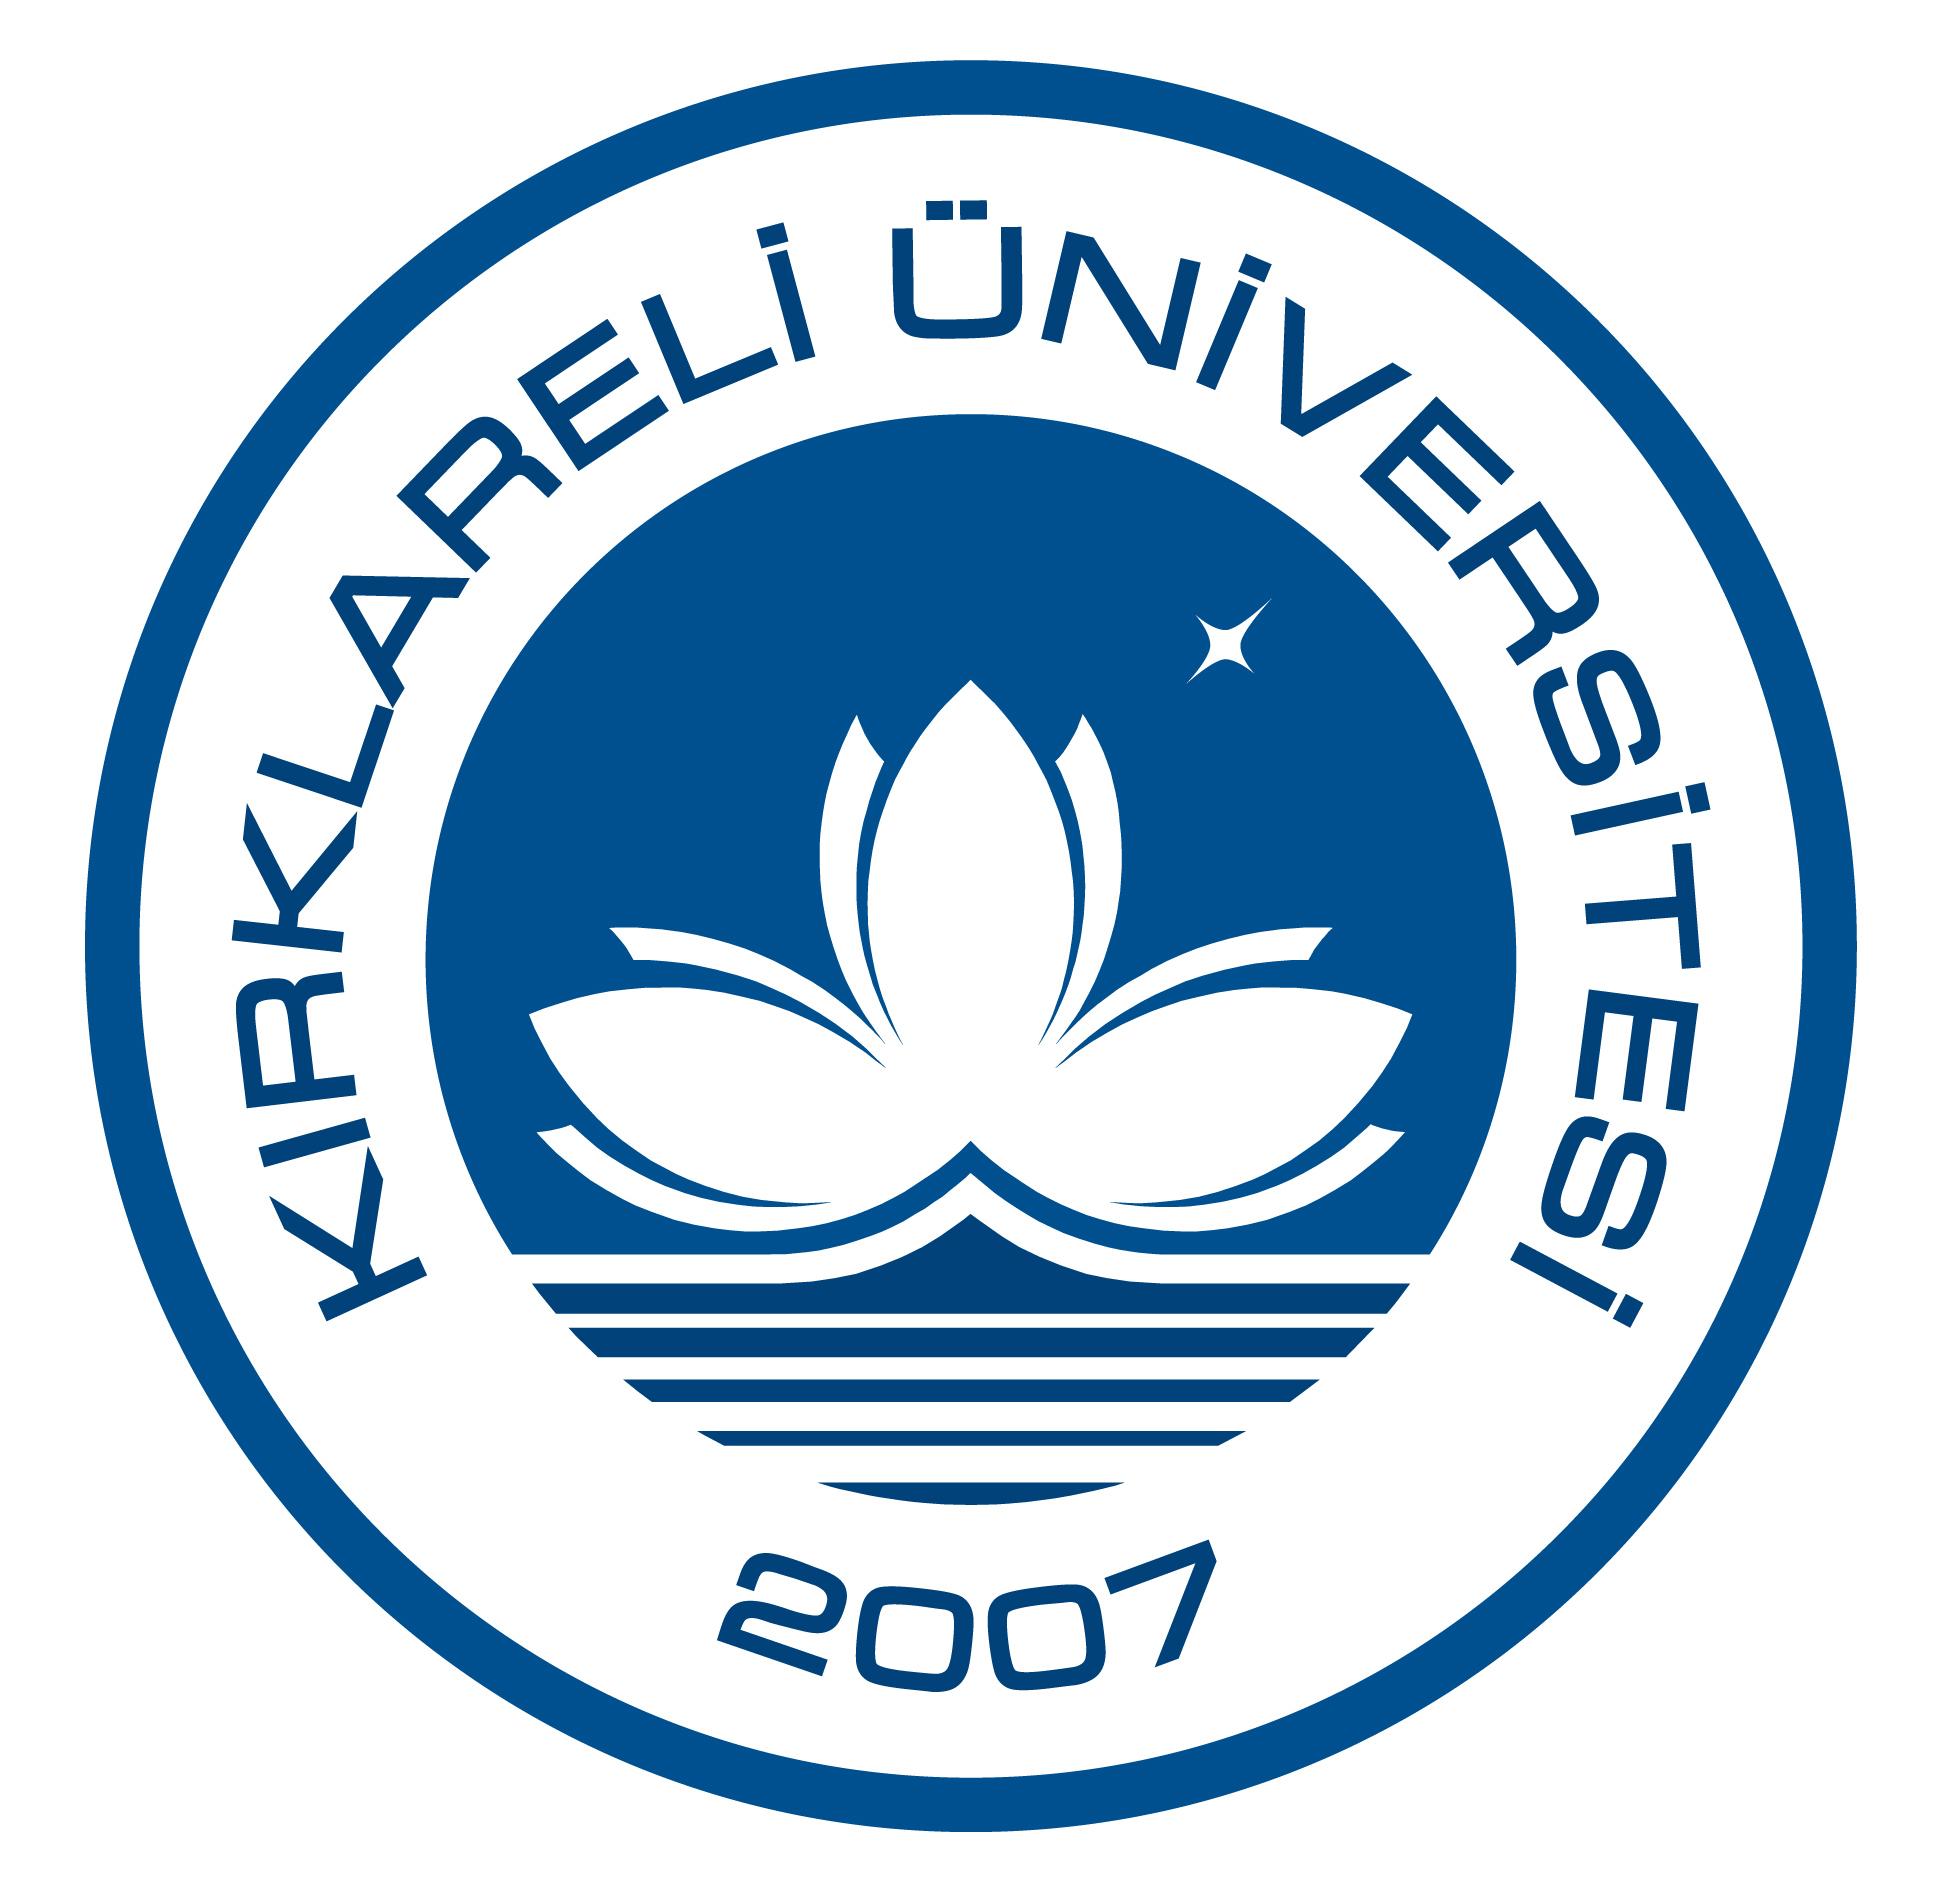 KIRKLARELI UNIVERSITY